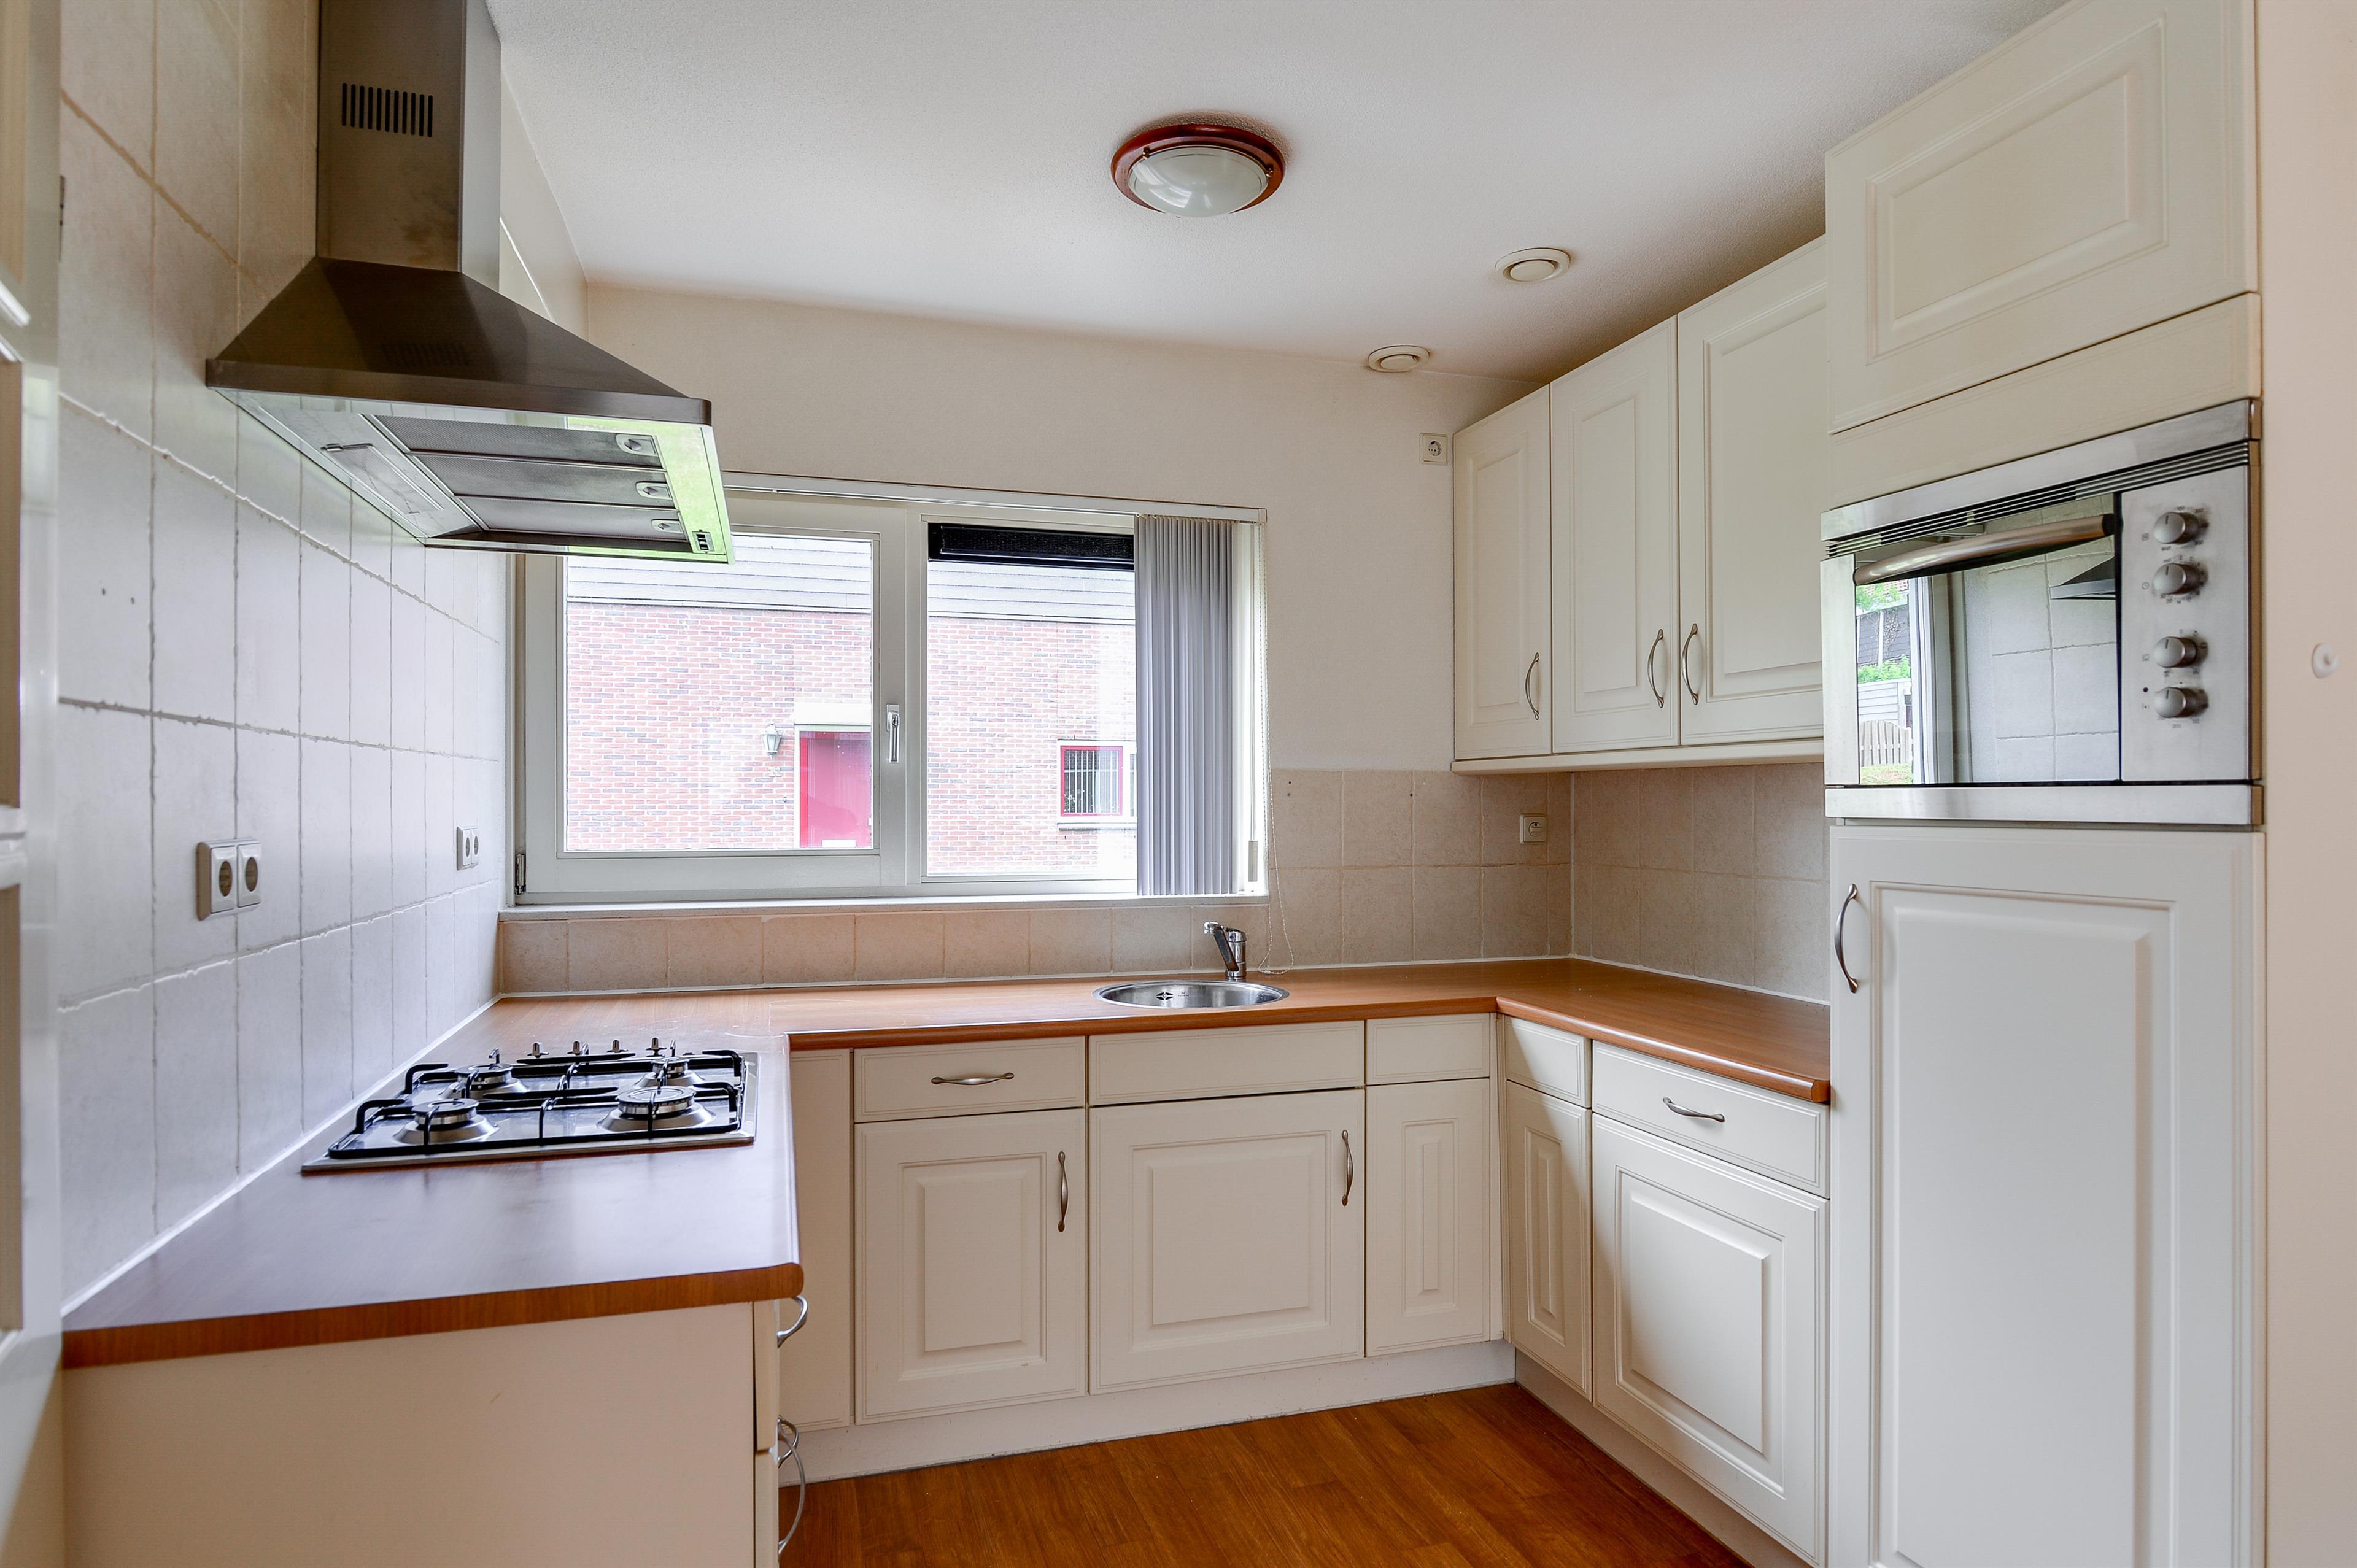 Te koop schildgronden 75 hoofddorp hendriks makelaardij - Gezellige keuken ...